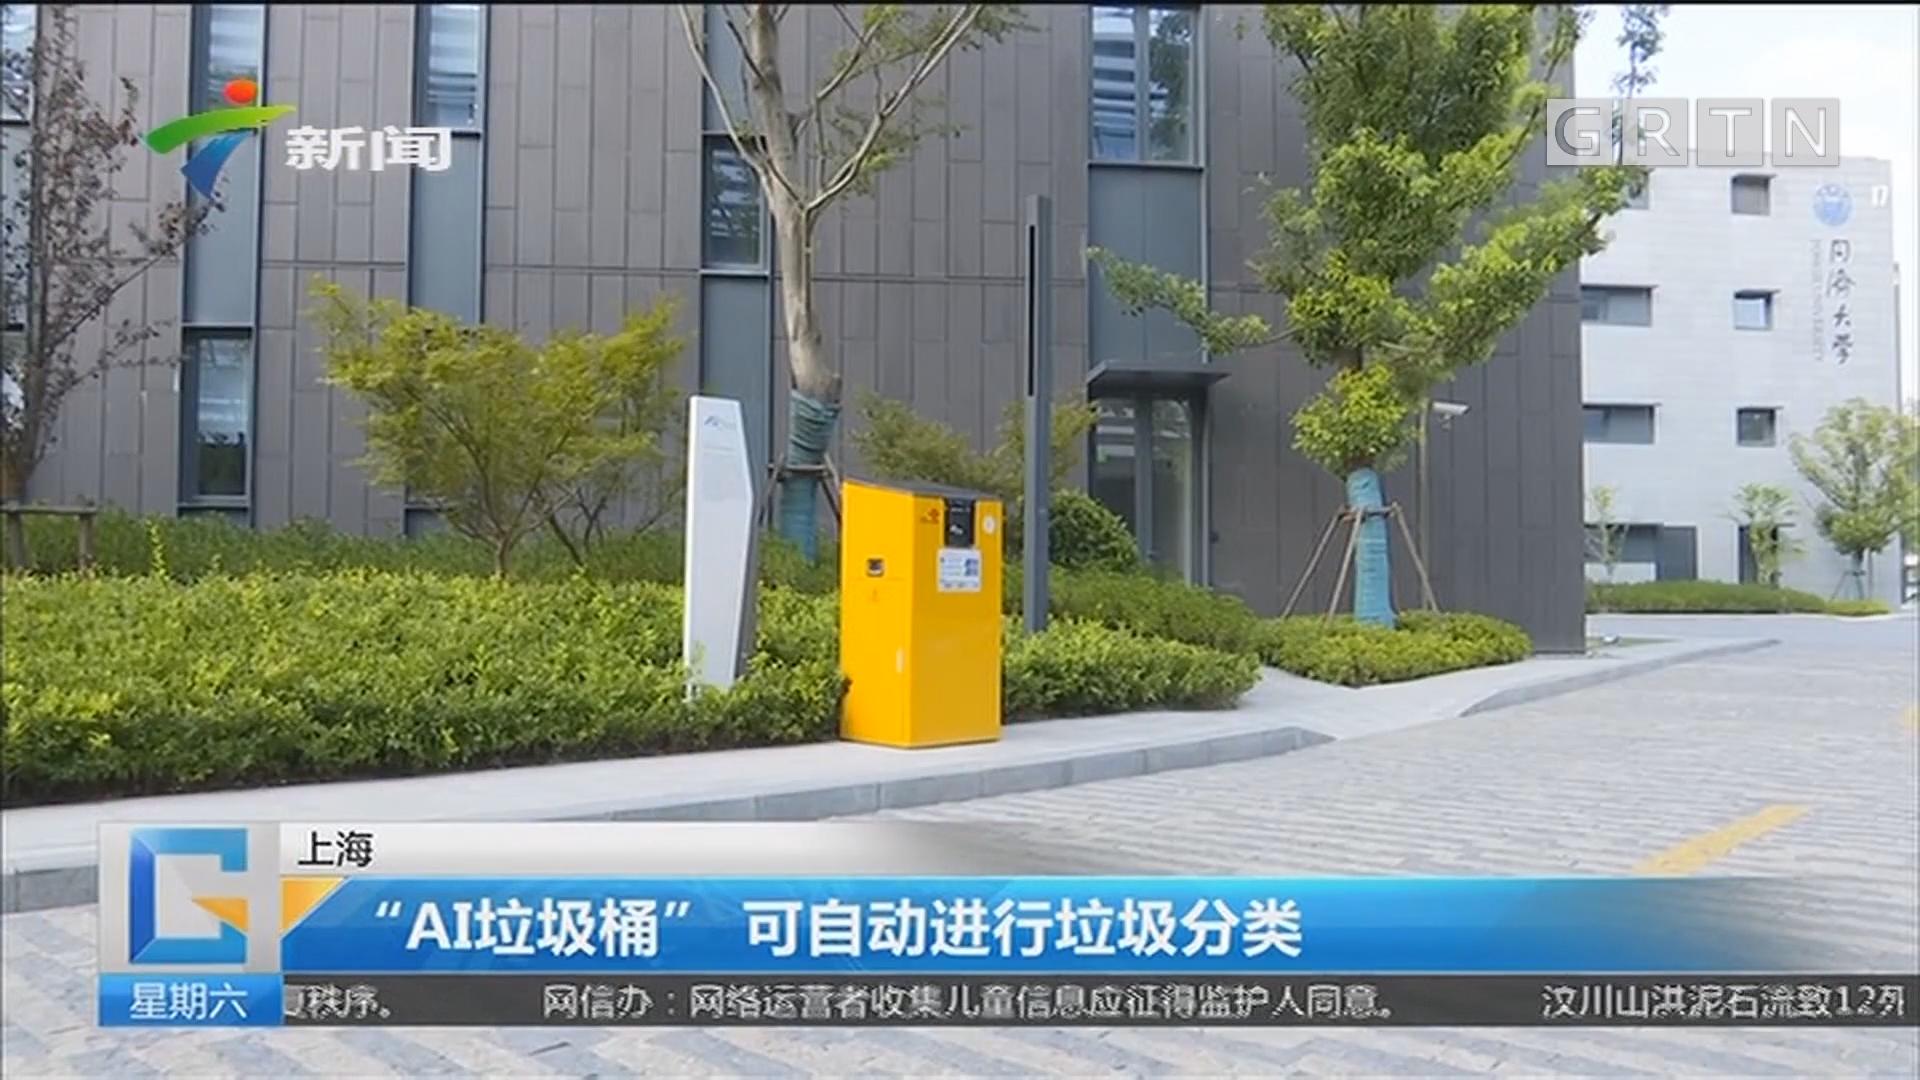 """上海 """"AI垃圾桶""""可自动进行垃圾分类"""